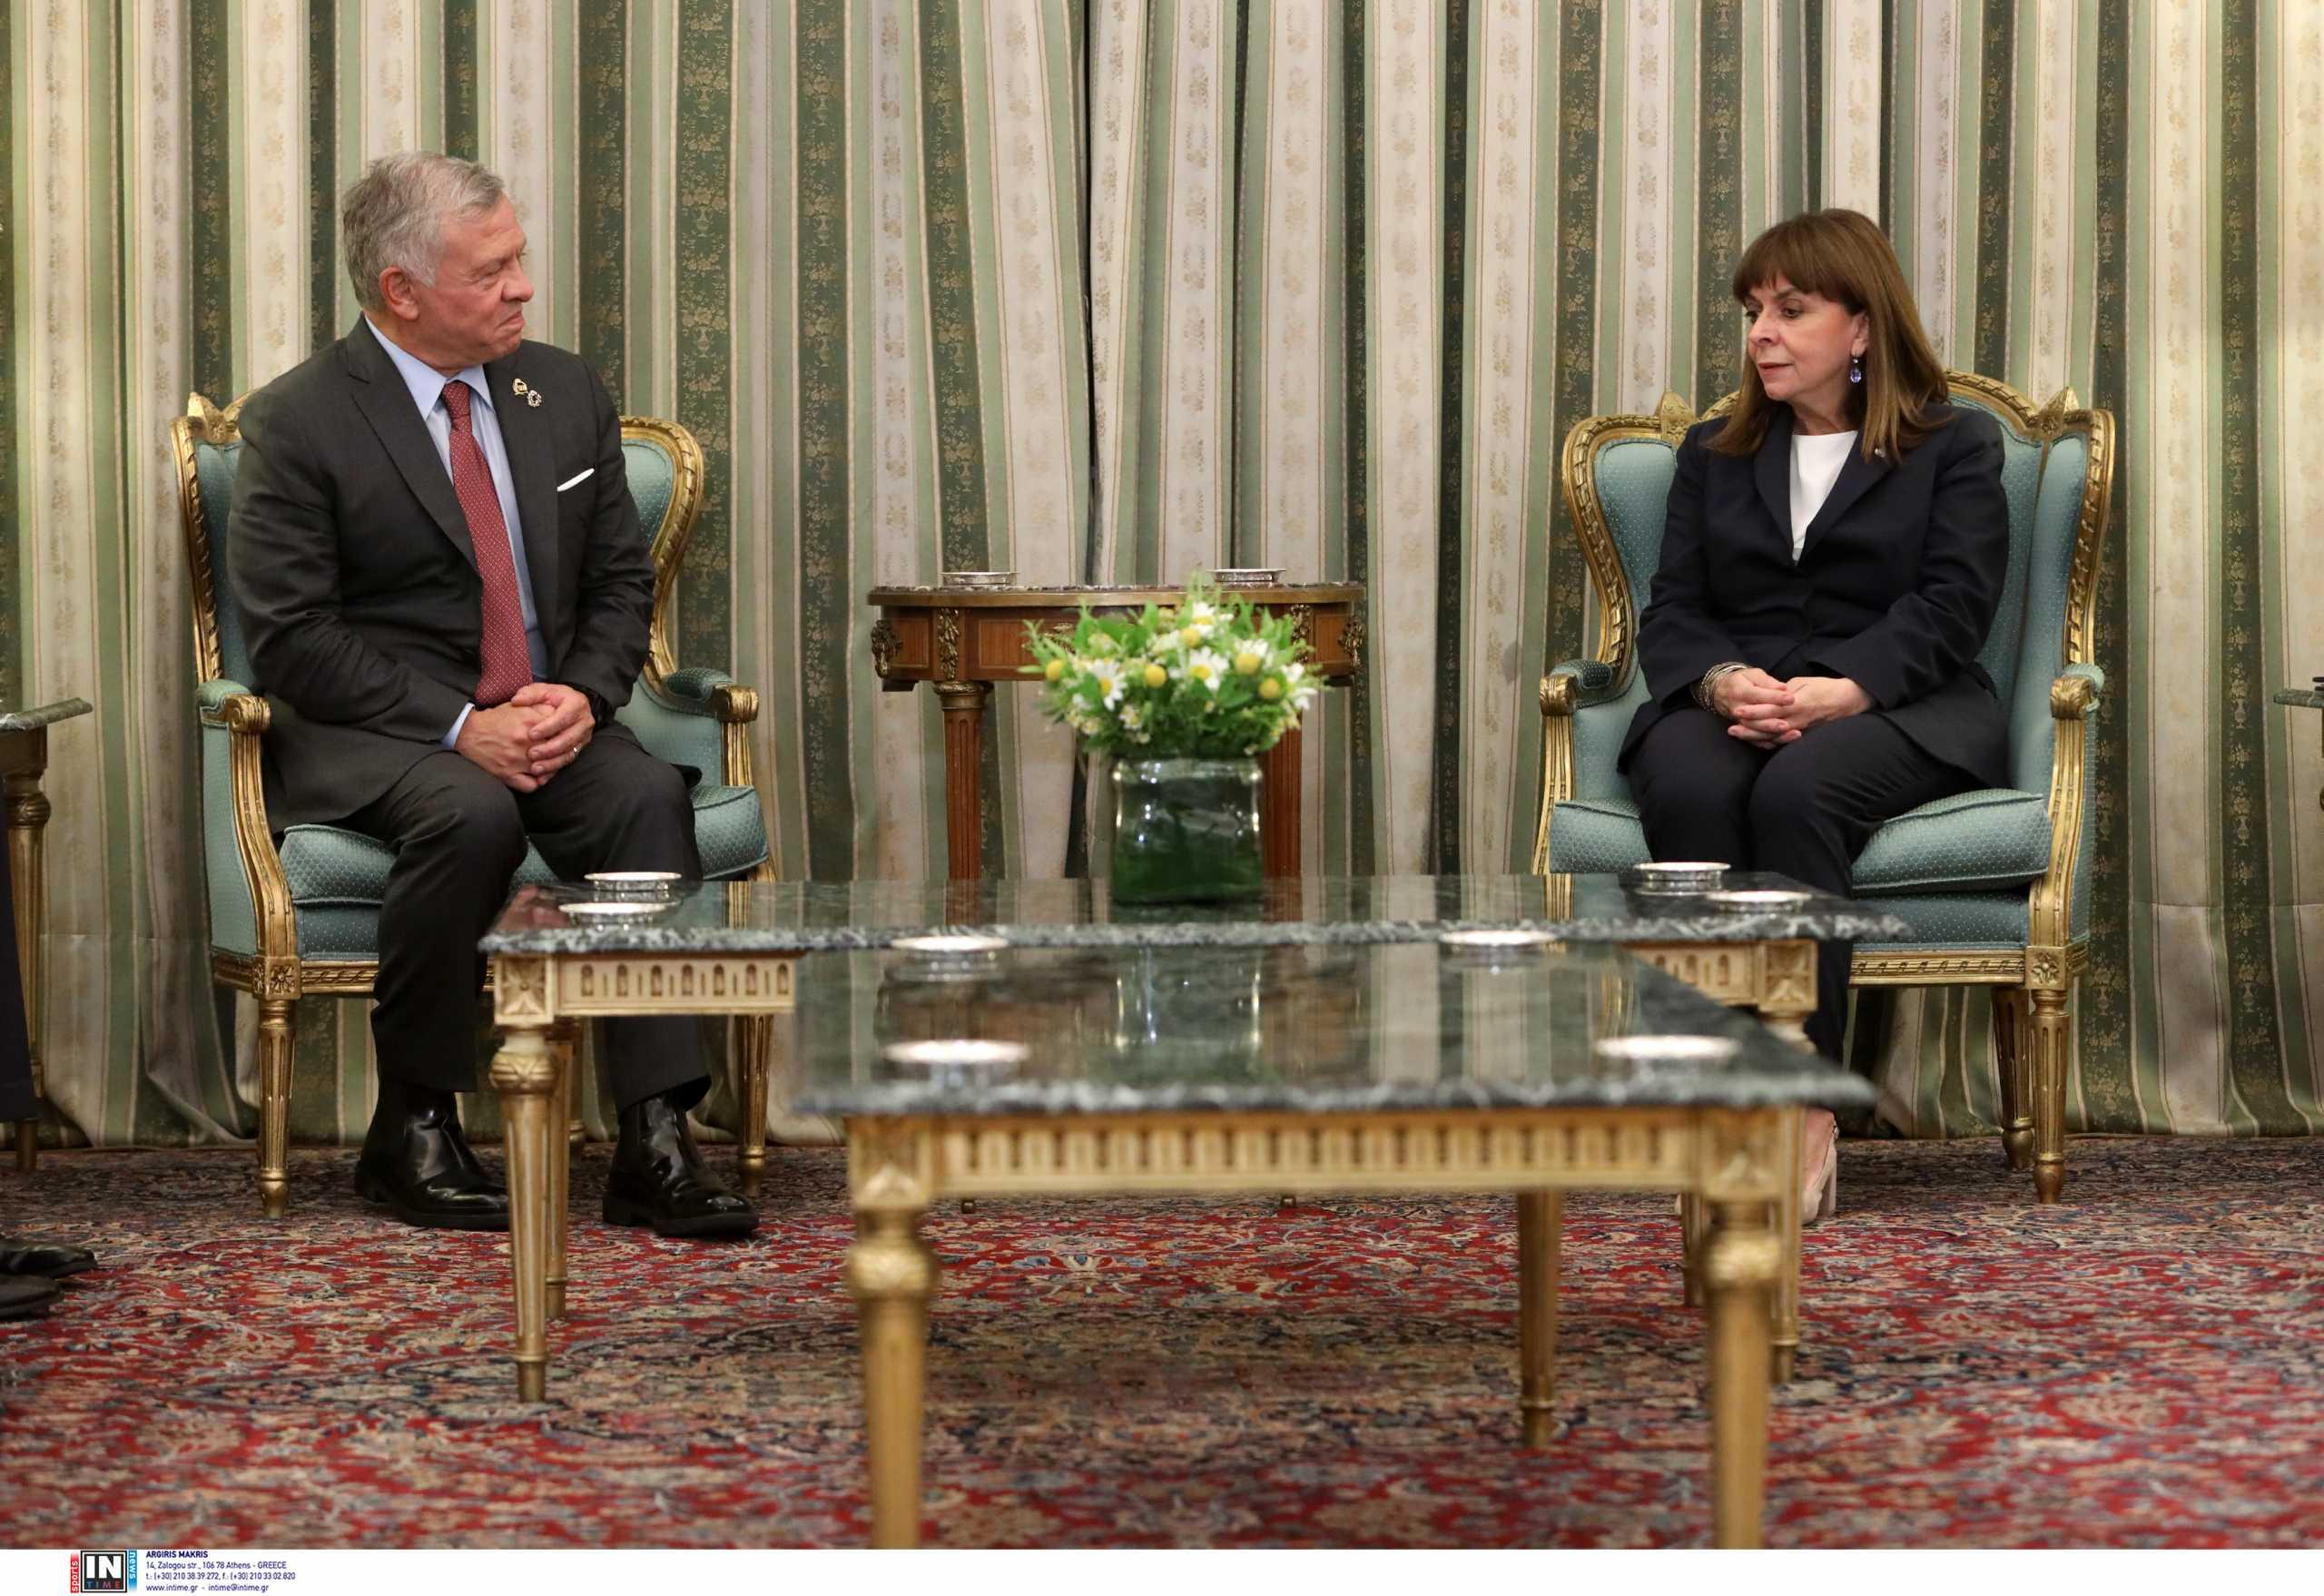 Σακελλαροπούλου στον Βασιλιά της Ιορδανίας: Επιθυμούμε την ενδυνάμωση των σχέσεών μας